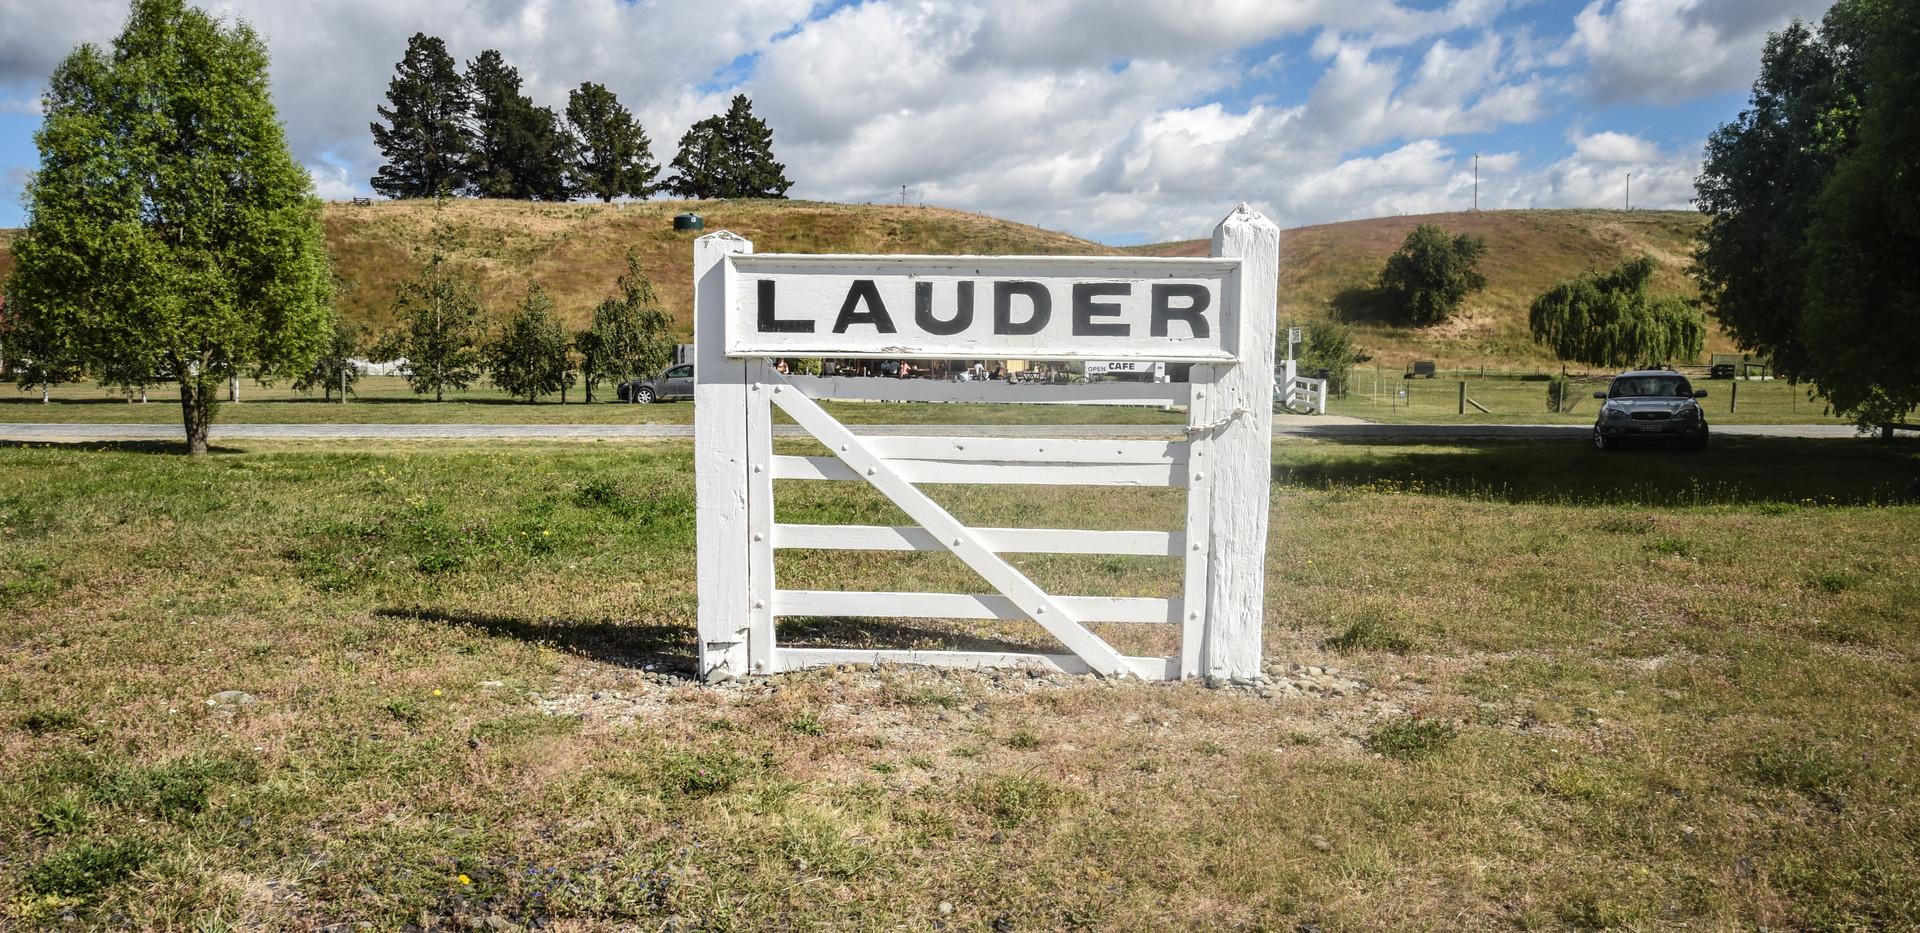 Lauder Village